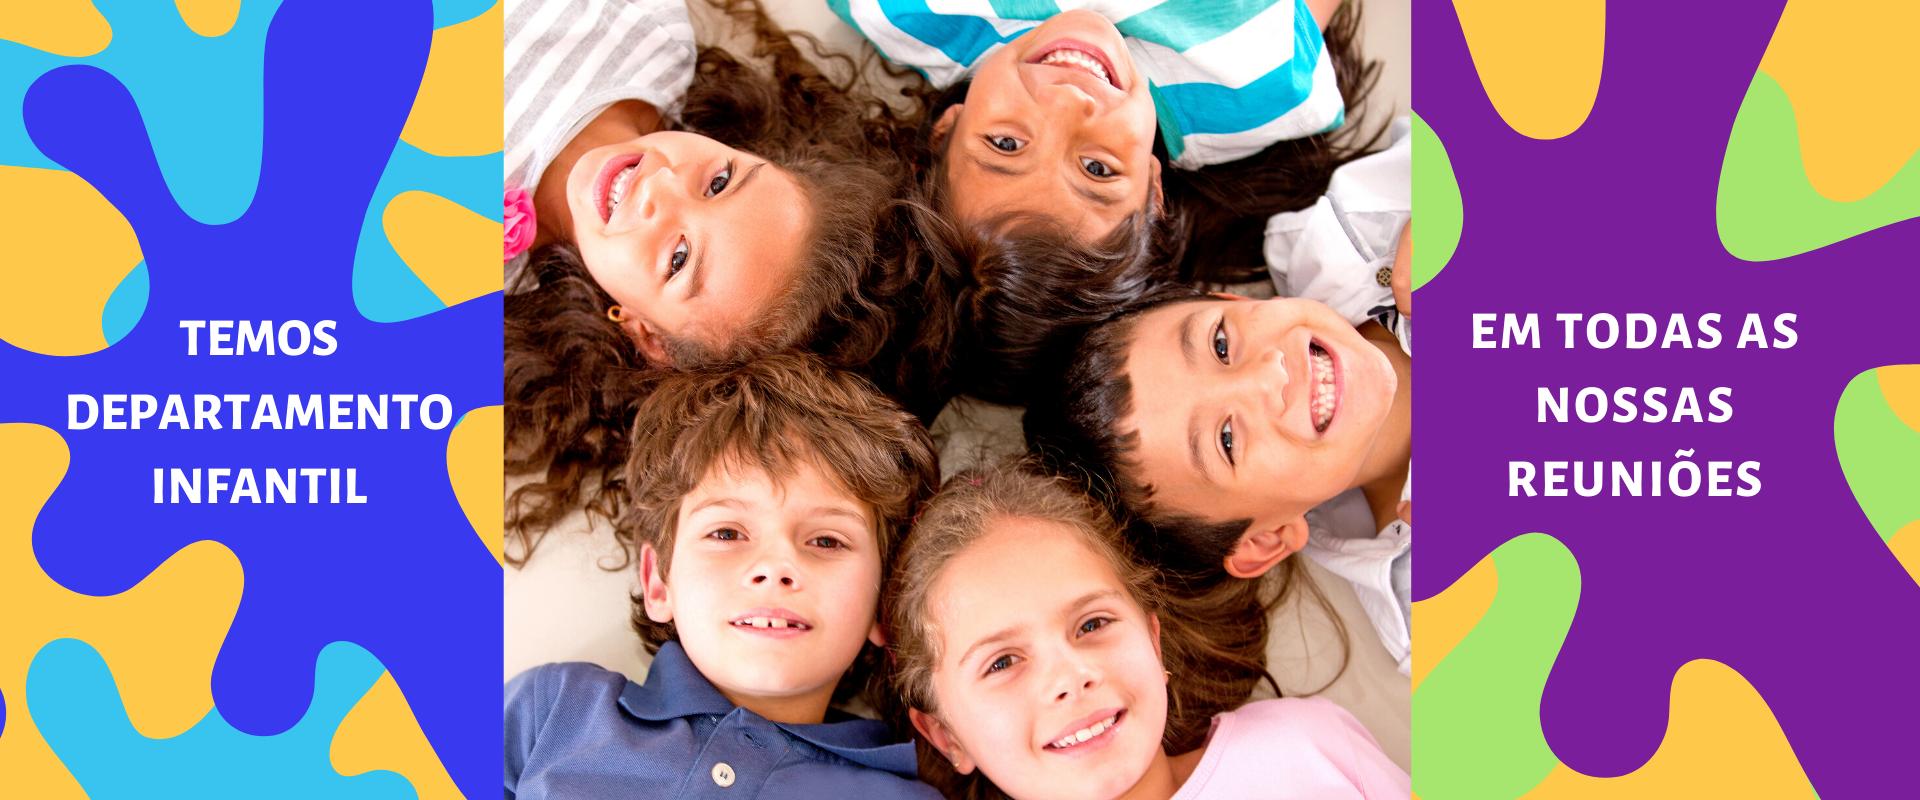 Temos Departamento Infantil em todas as reuniões (1)